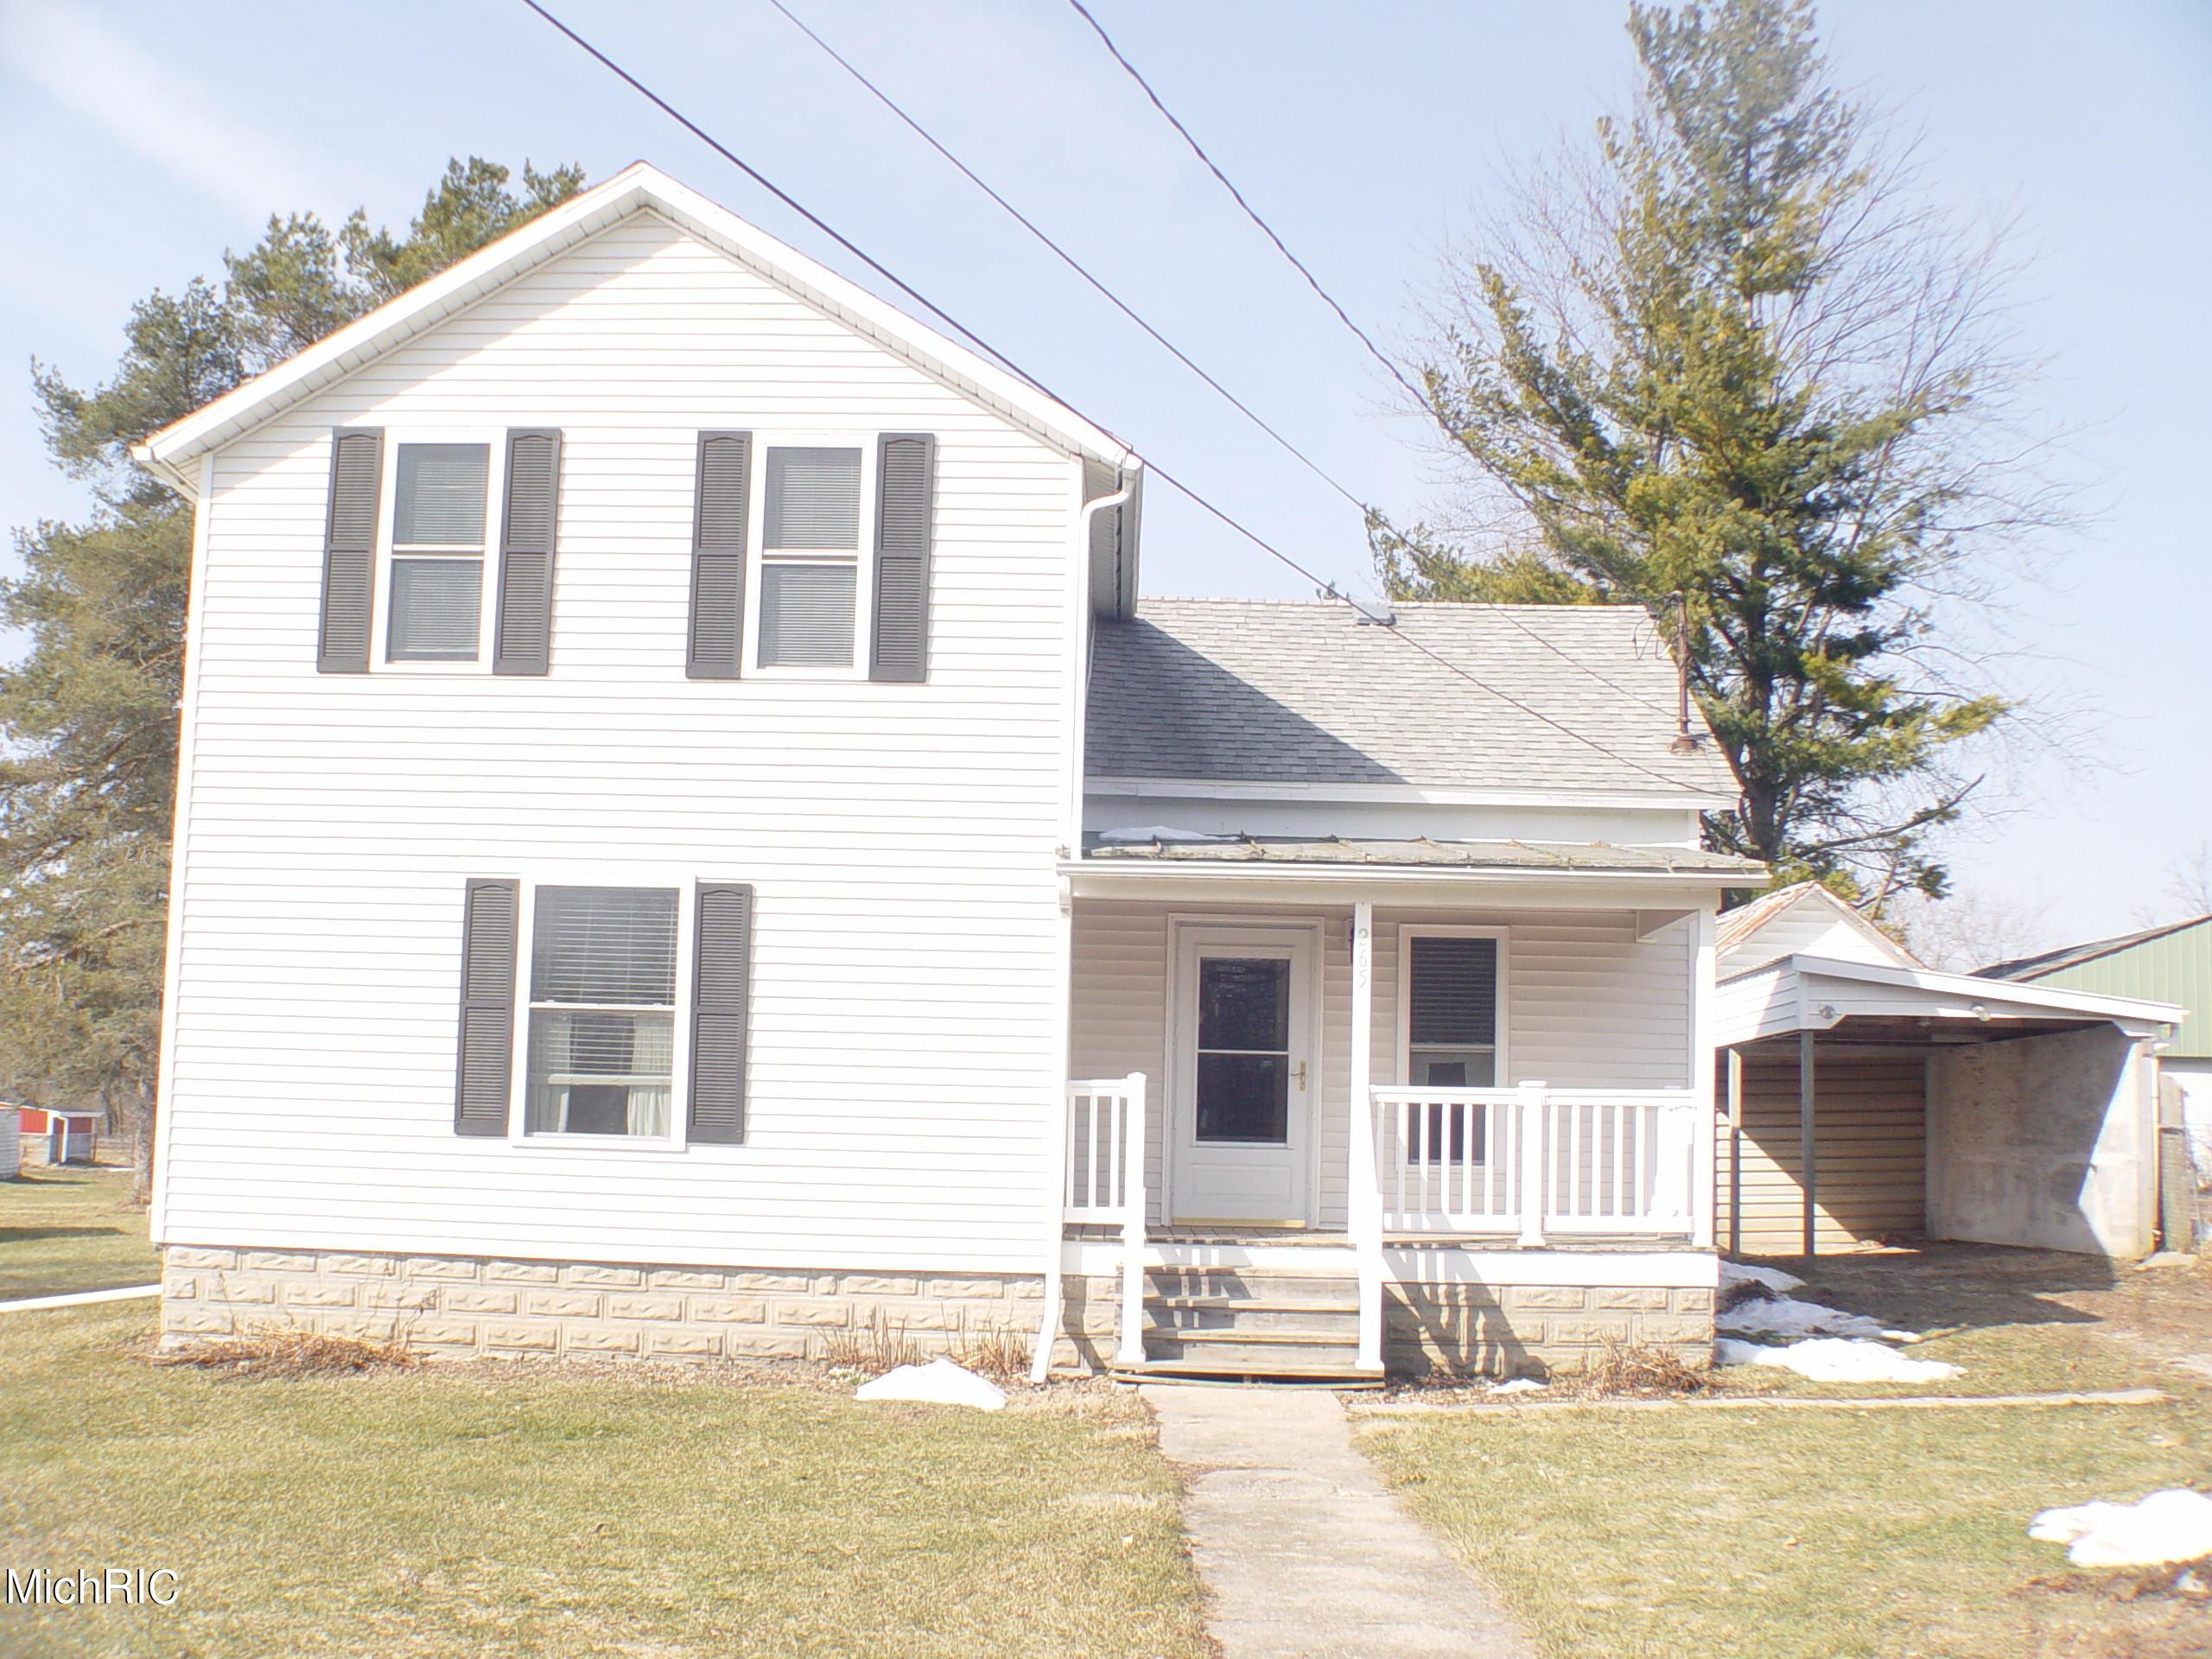 265 N Main Street, Vermontville, MI 49096